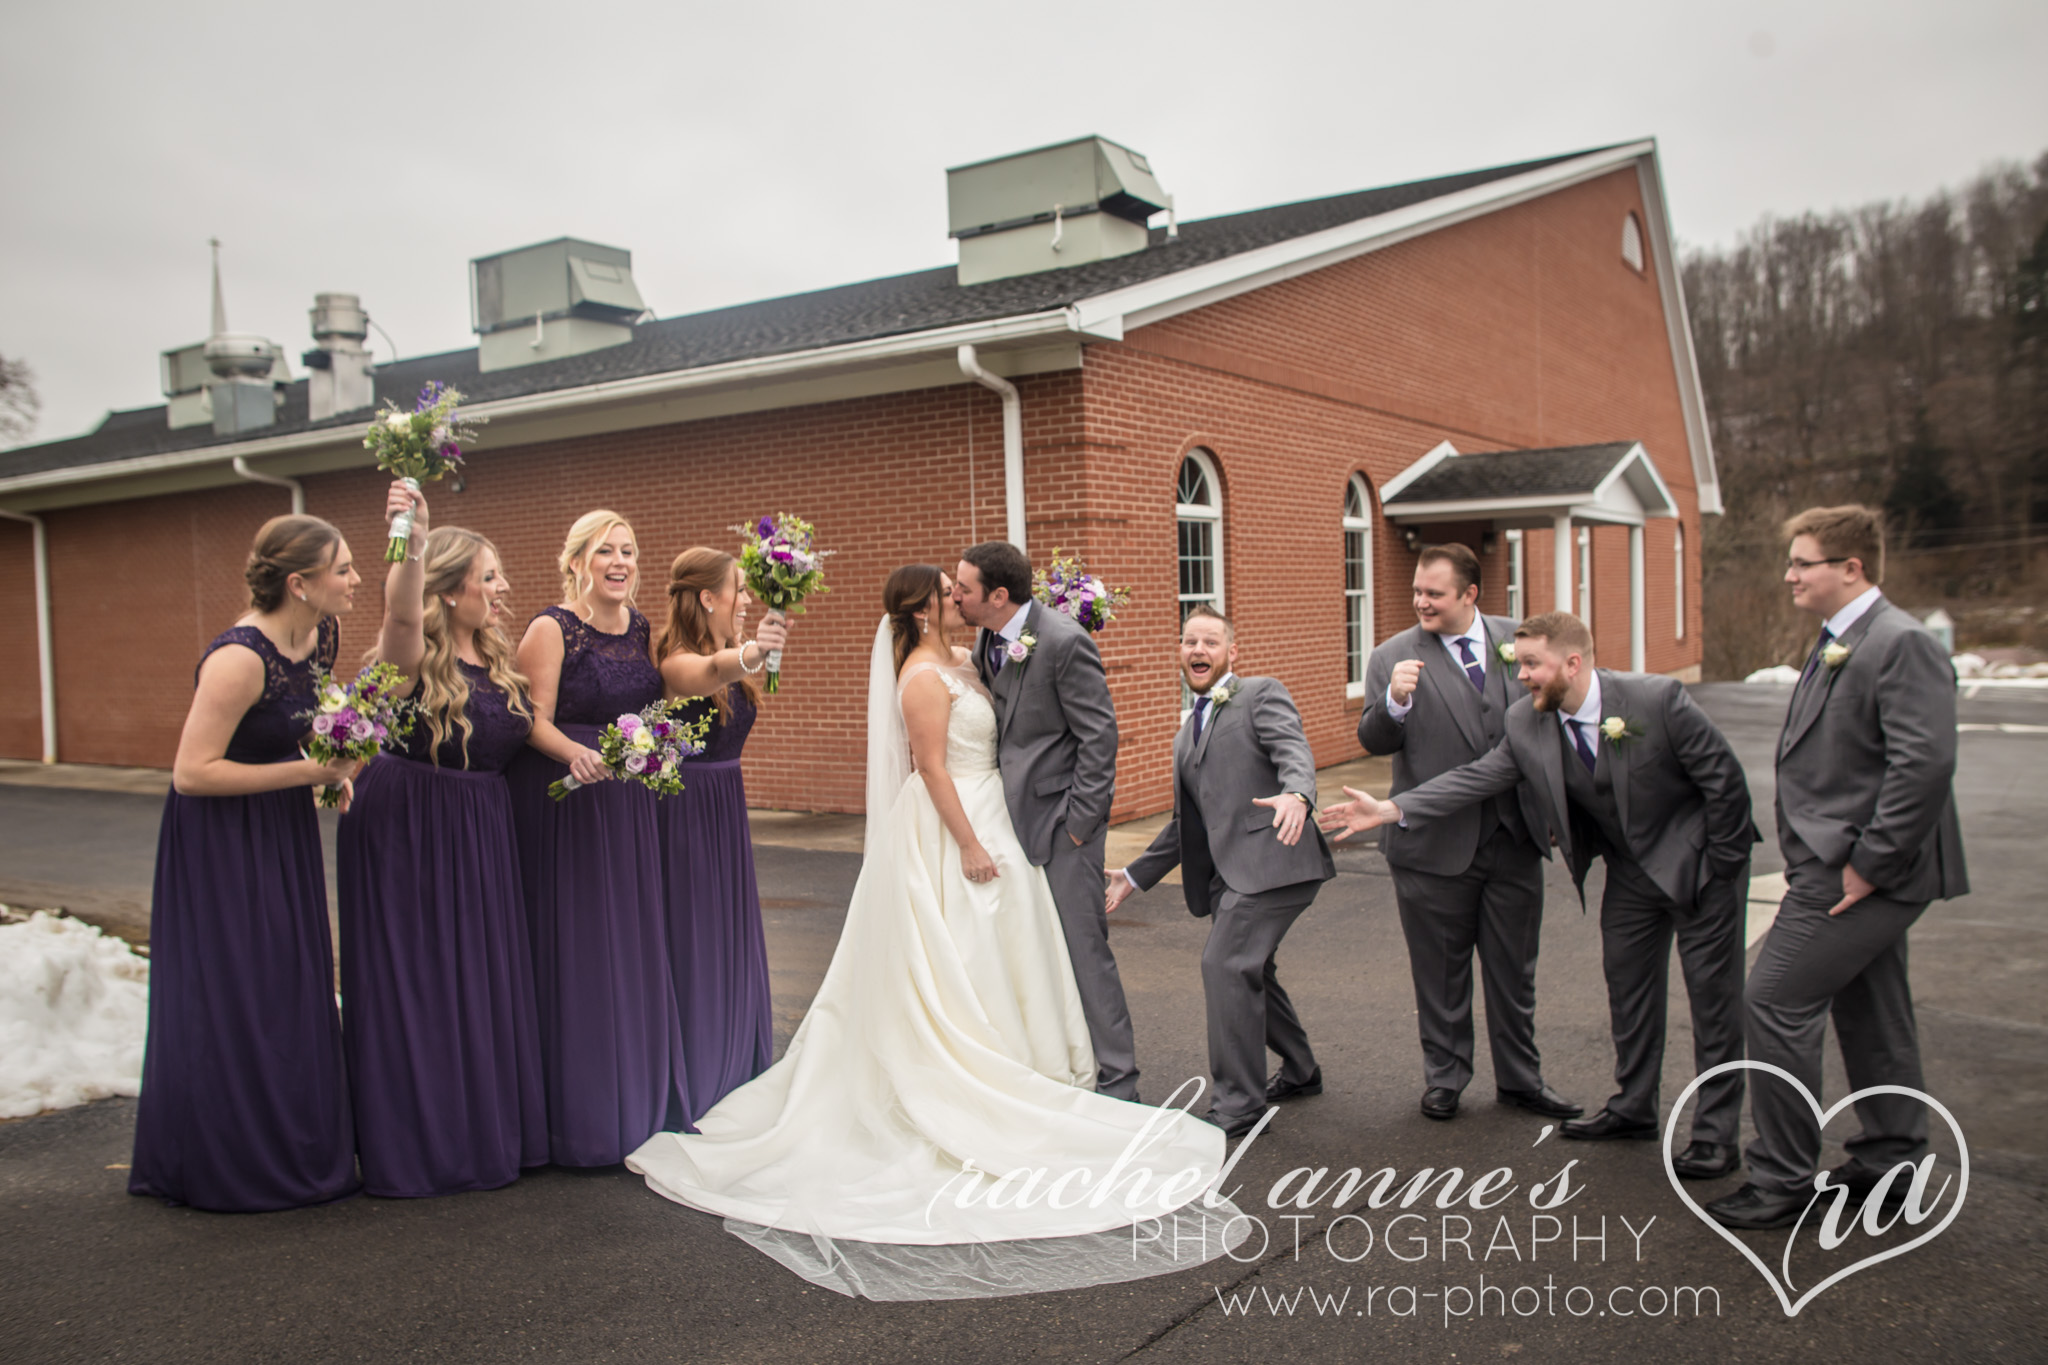 036-CAP-CURWENSVILLE-PA-TREASURE-LAKEVIEW-LODGE-WEDDINGS.jpg